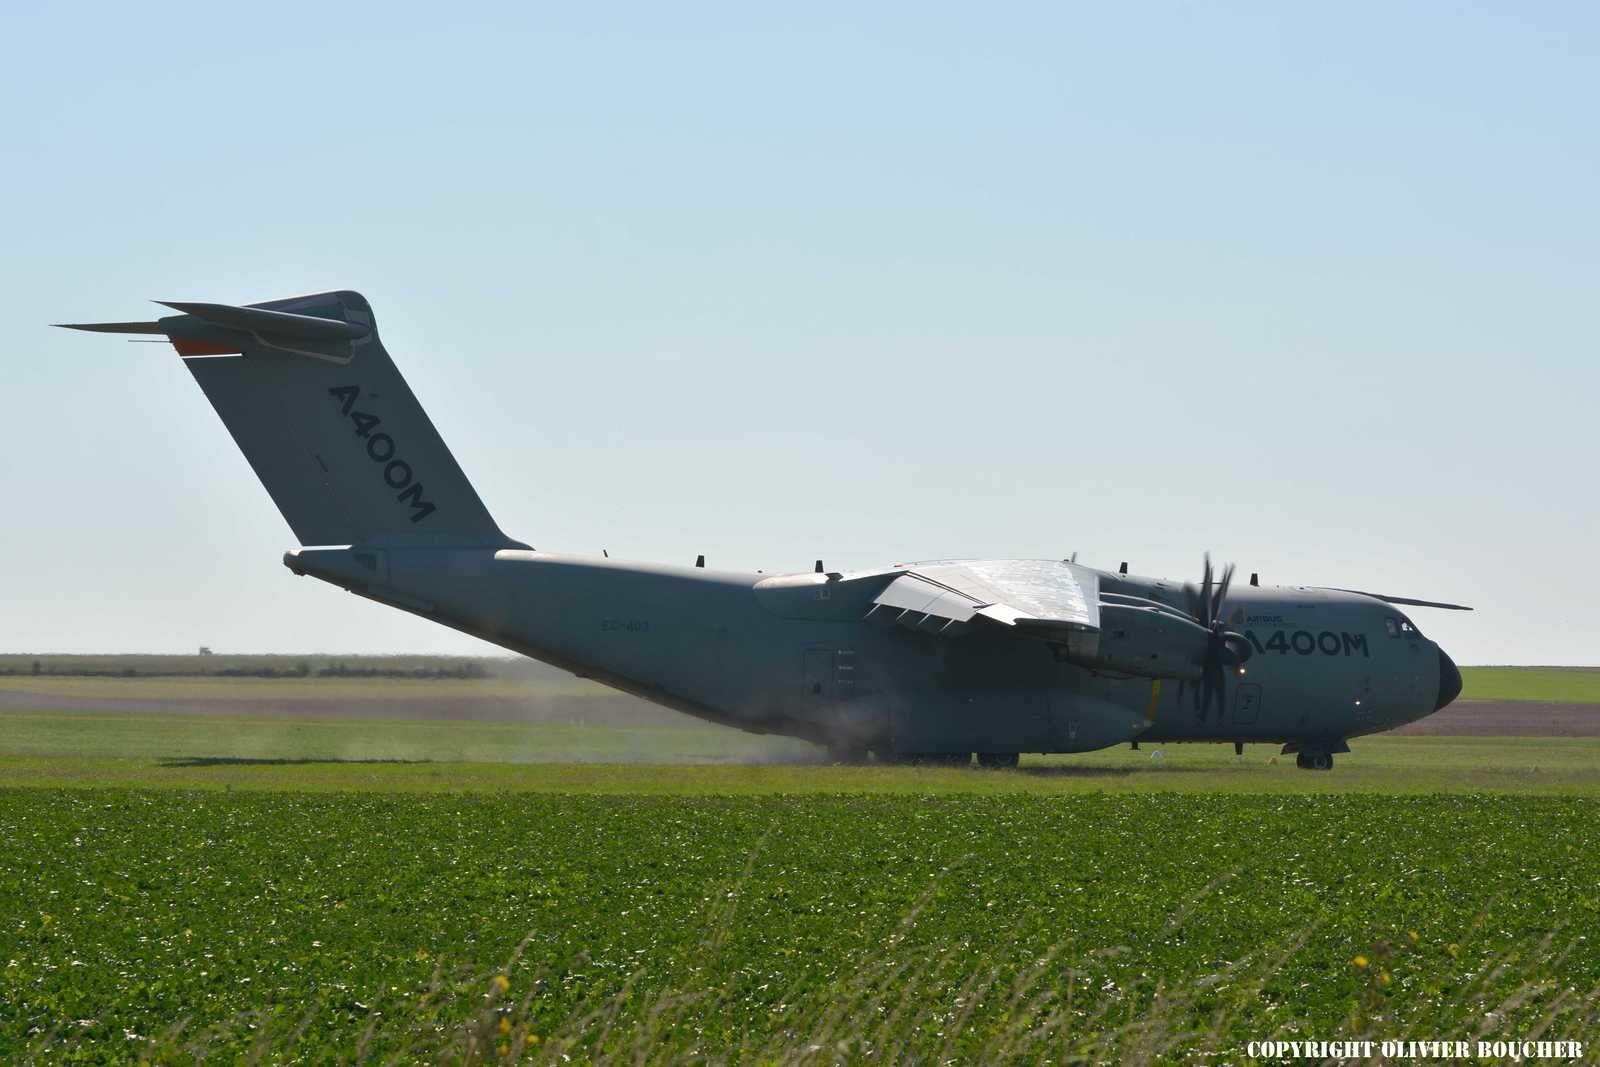 PHOTOS - Airbus teste l'A400M sur terrain non préparé